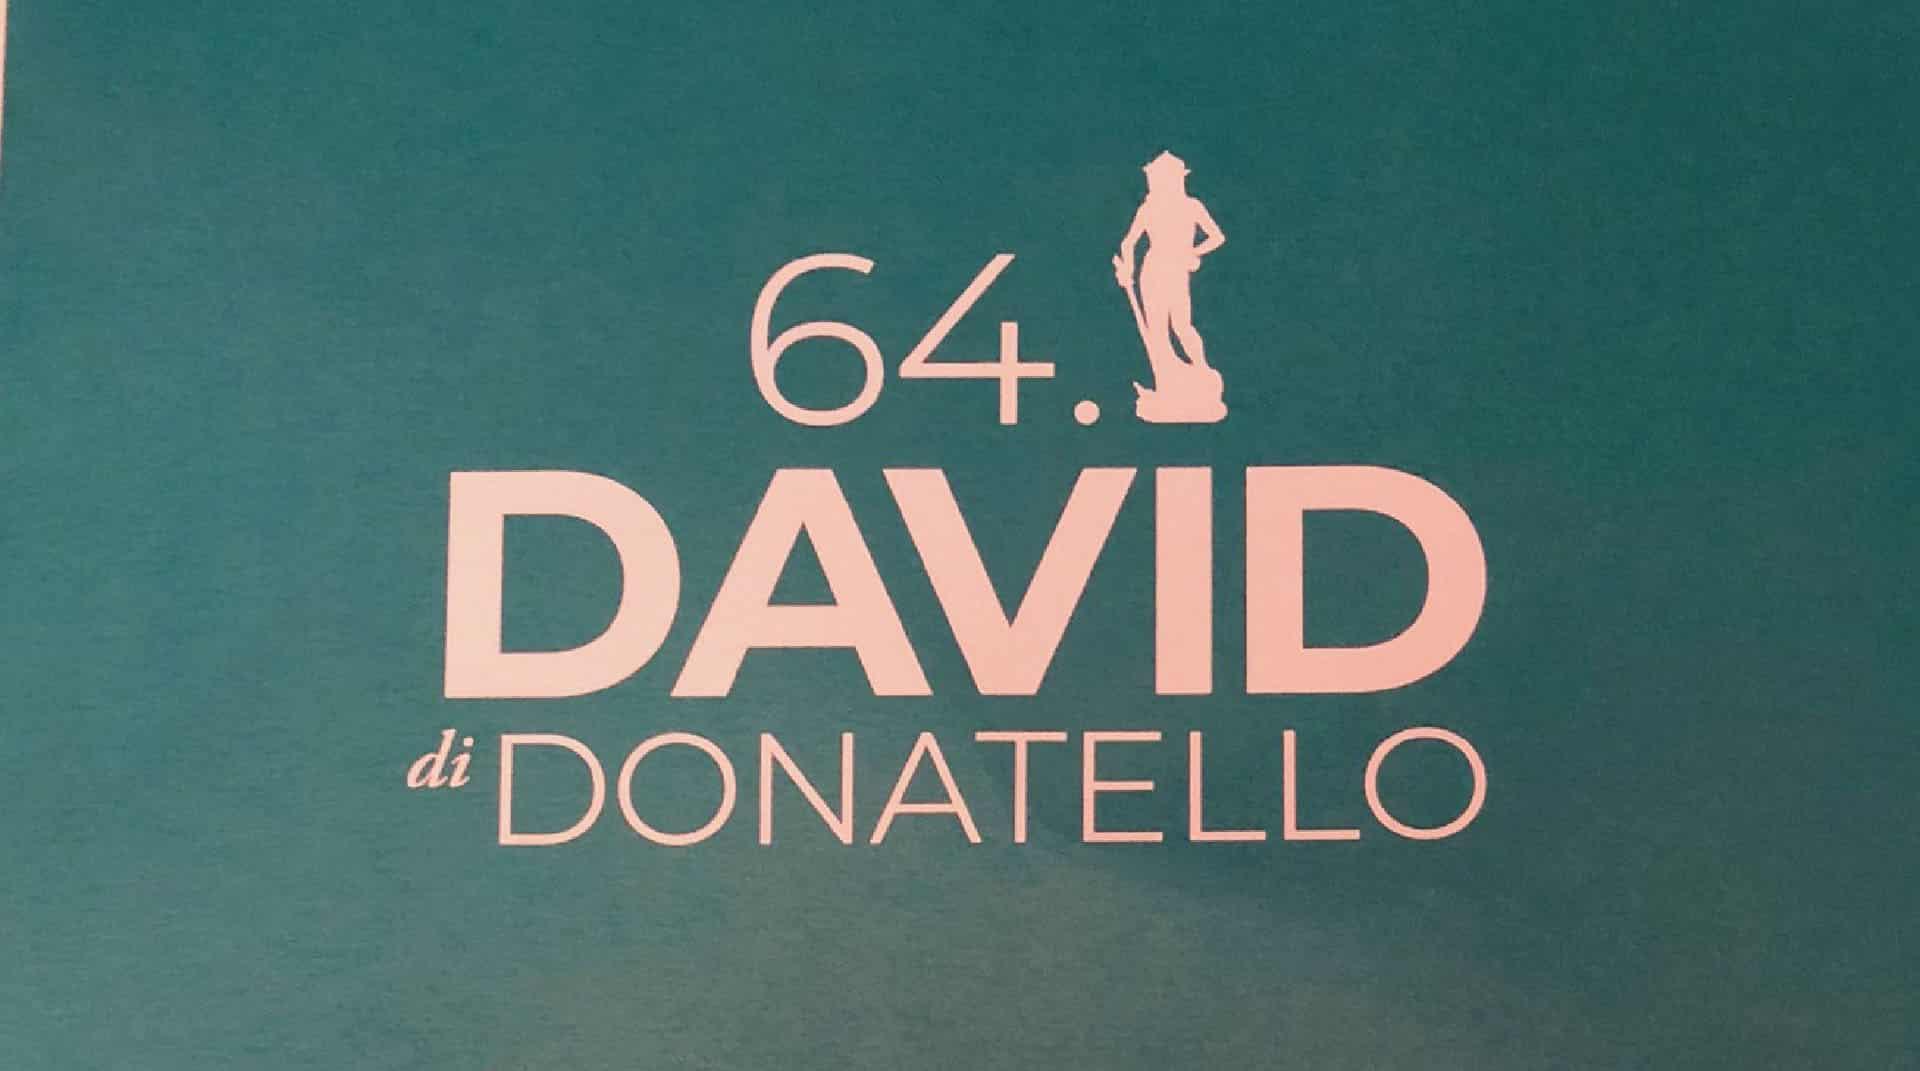 David di Donatello,